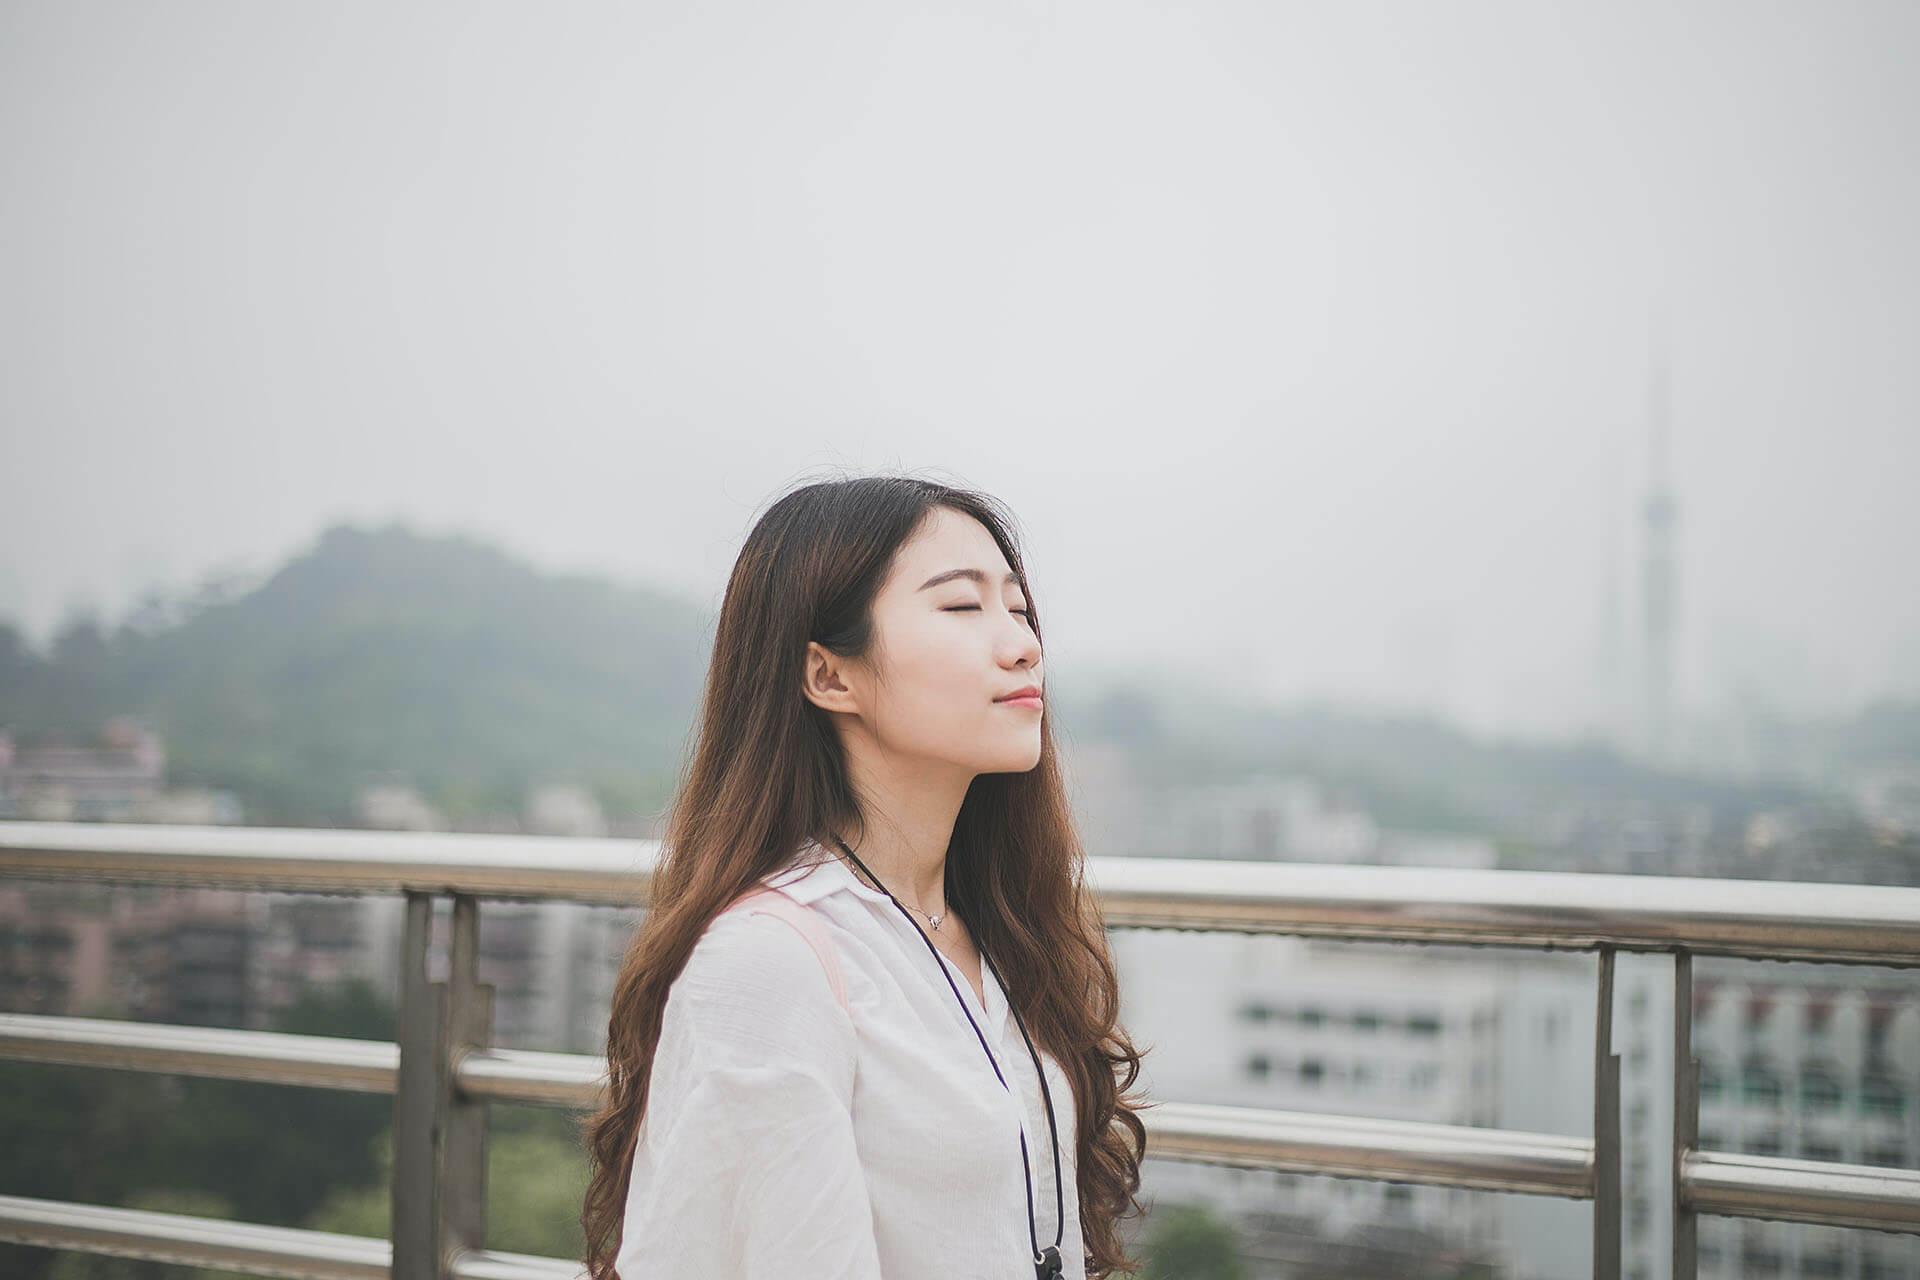 Pesquisa aponta principais benefícios da meditação